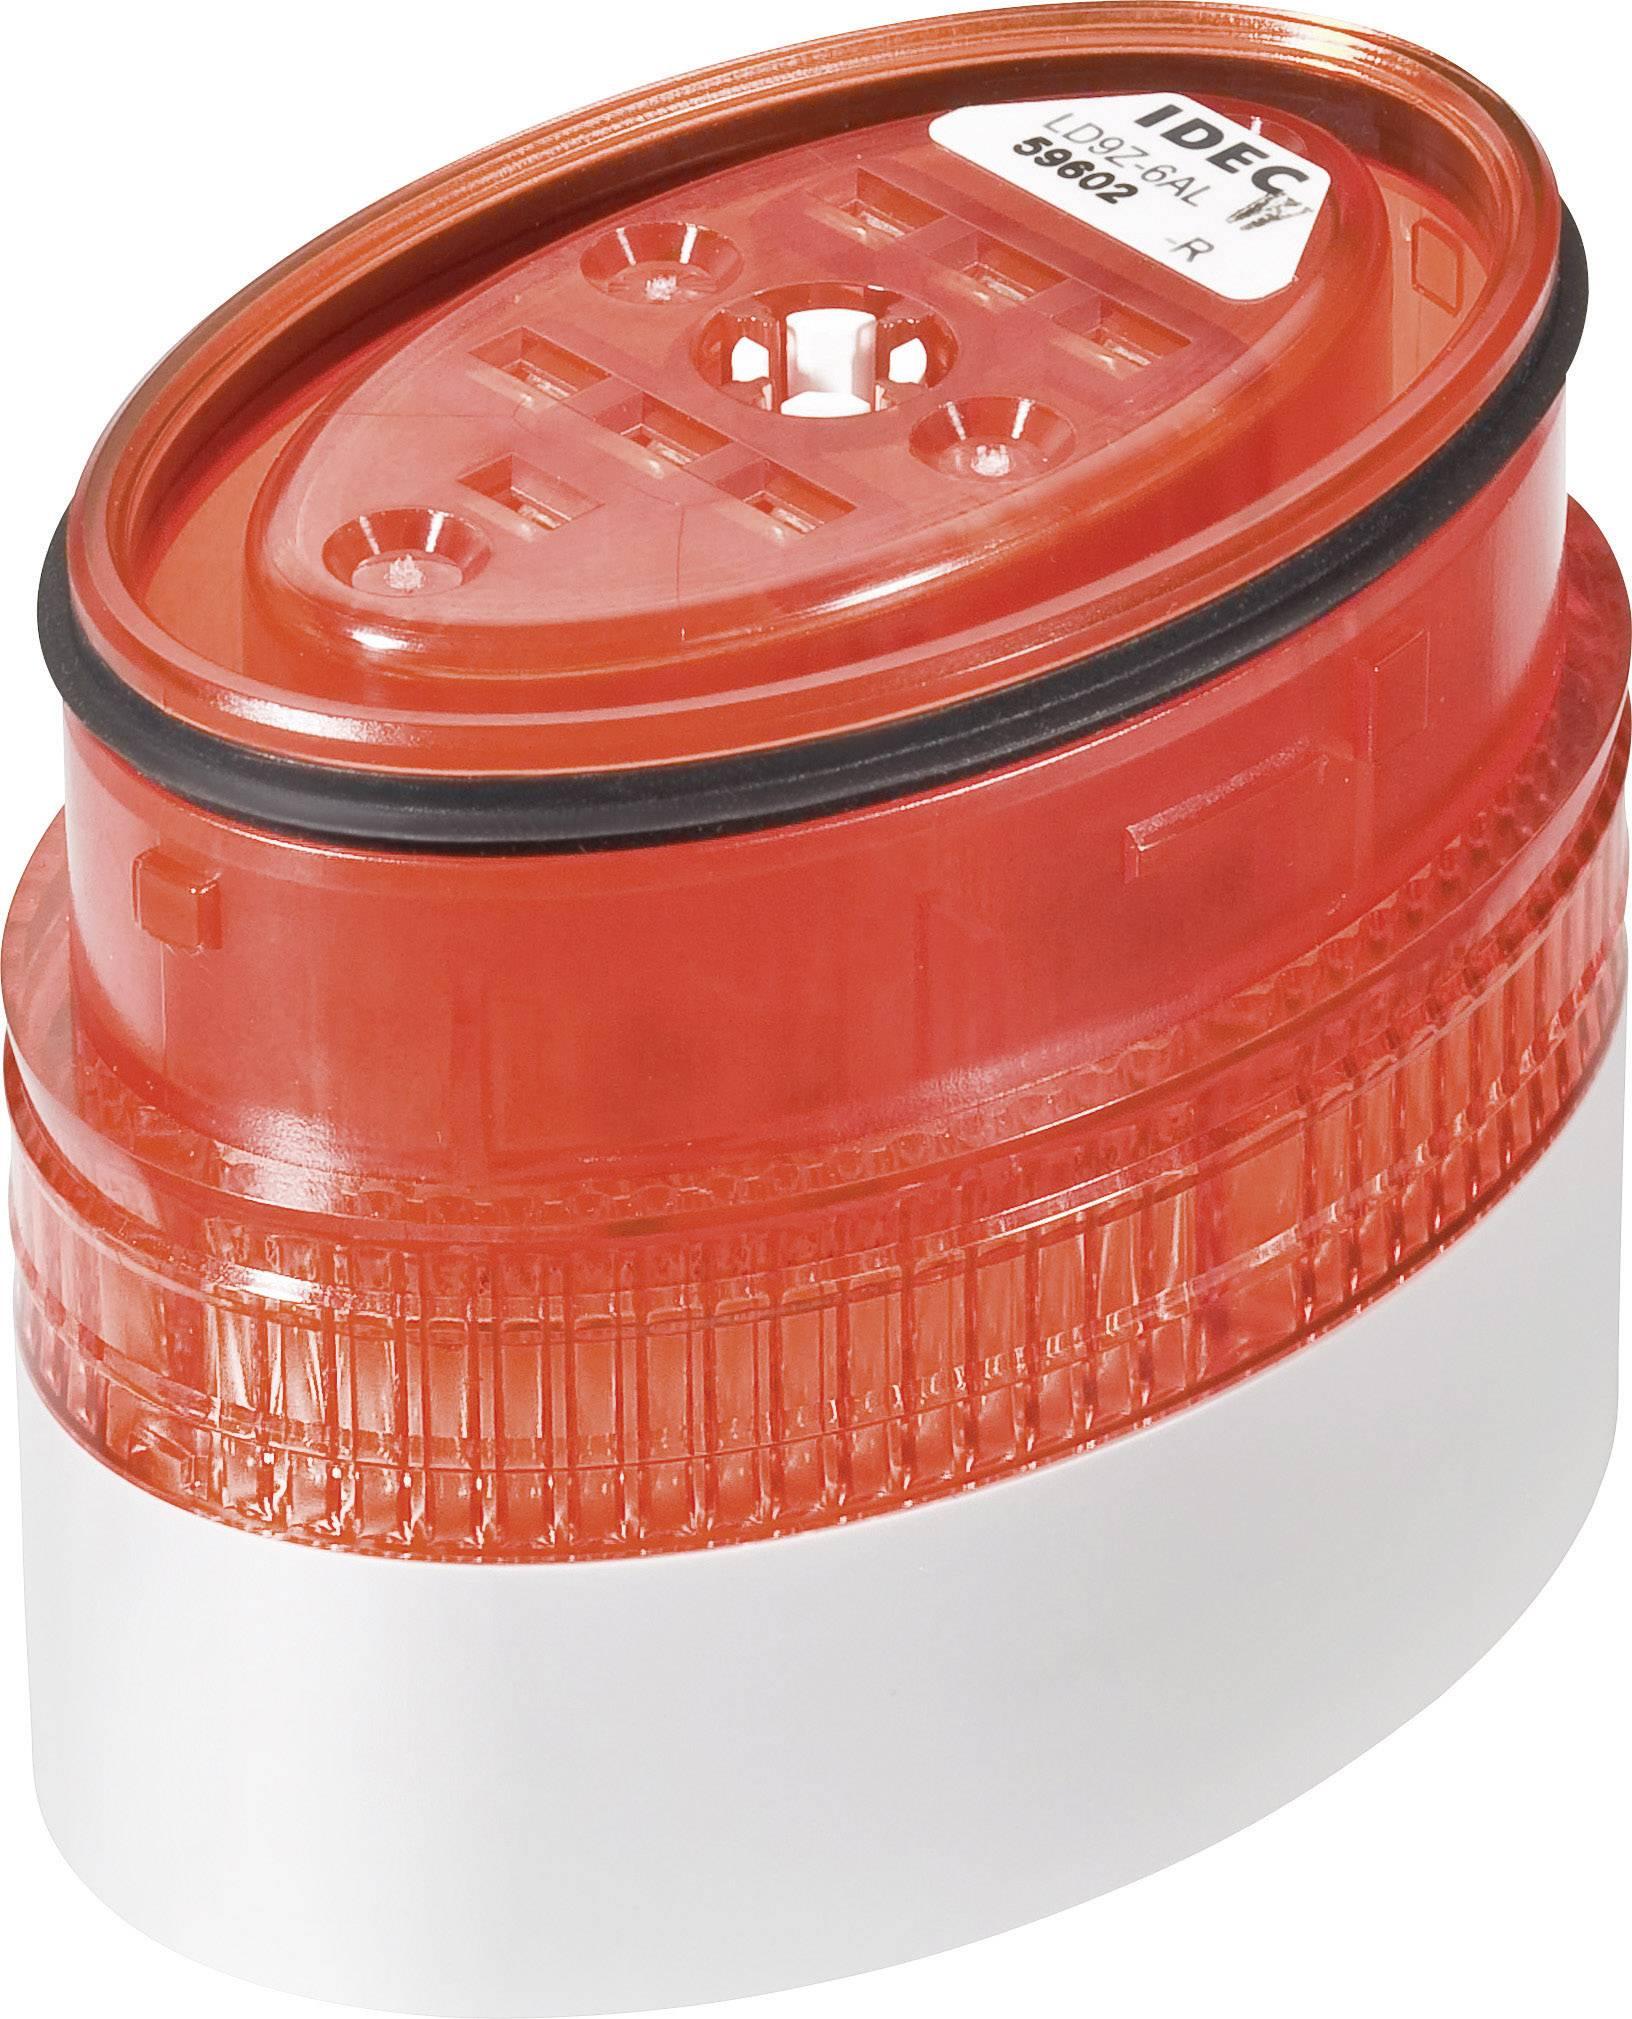 LED signalizační sloupec Idec LD6A (LD9Z-6ALW-R), IP65, Ø 40 x 60 mm, červená